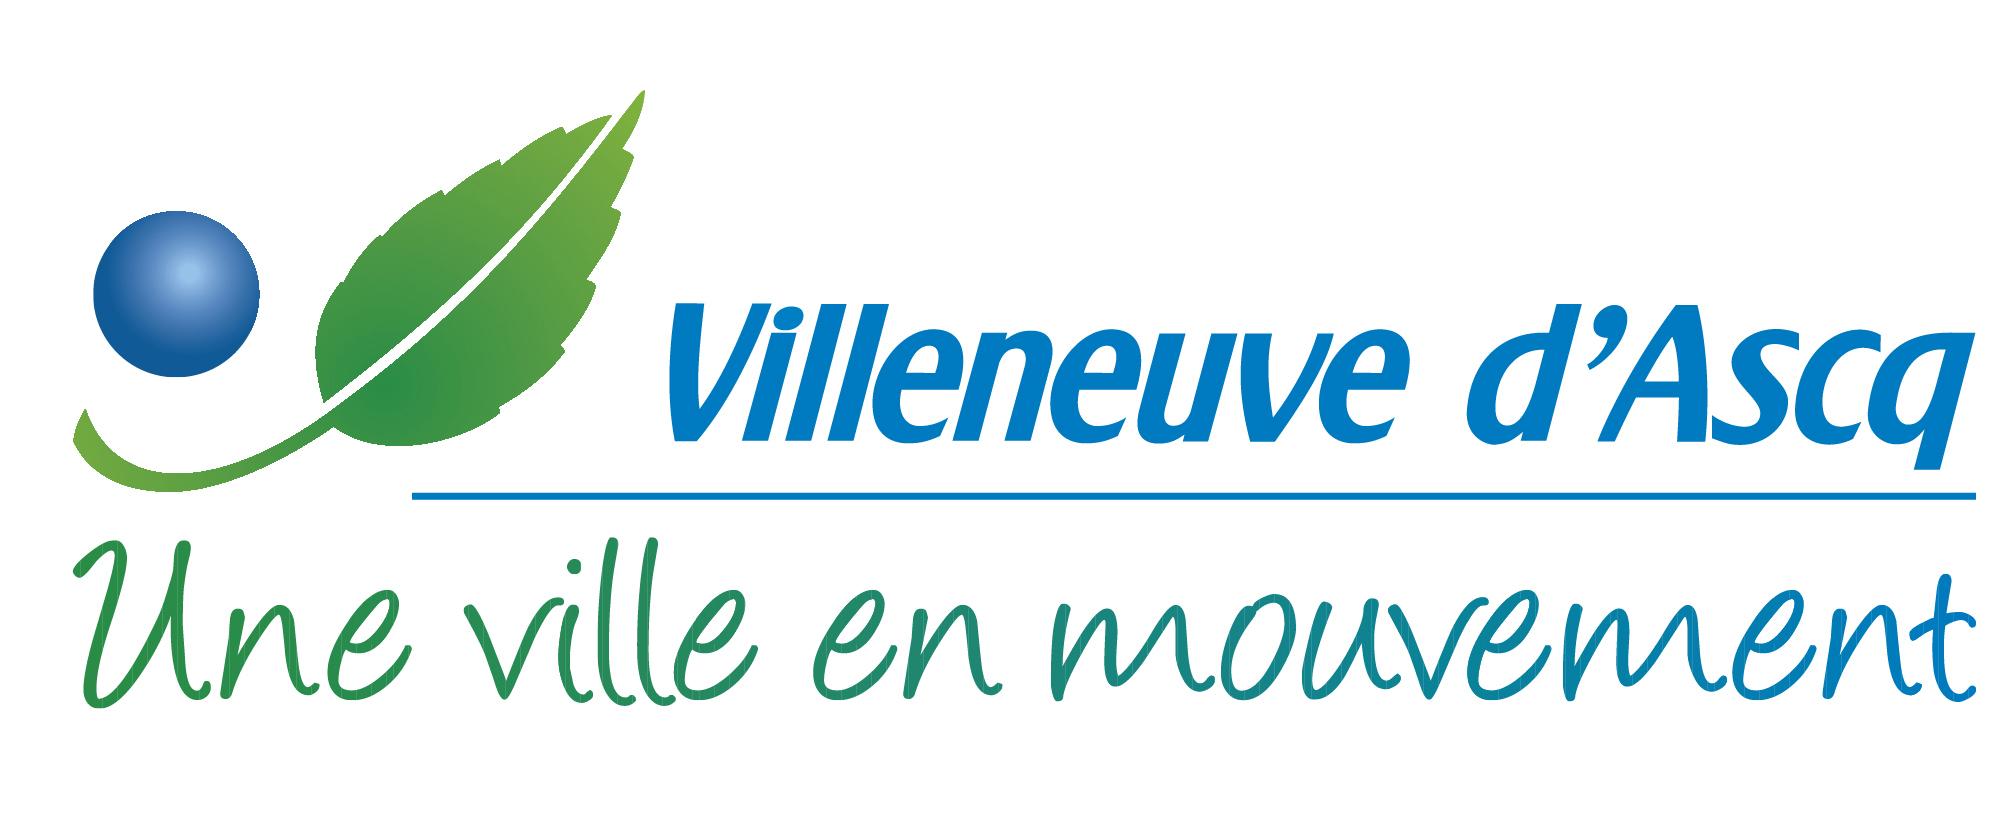 Eurafibre opérateur fibre optique Villeneuve d'Ascq